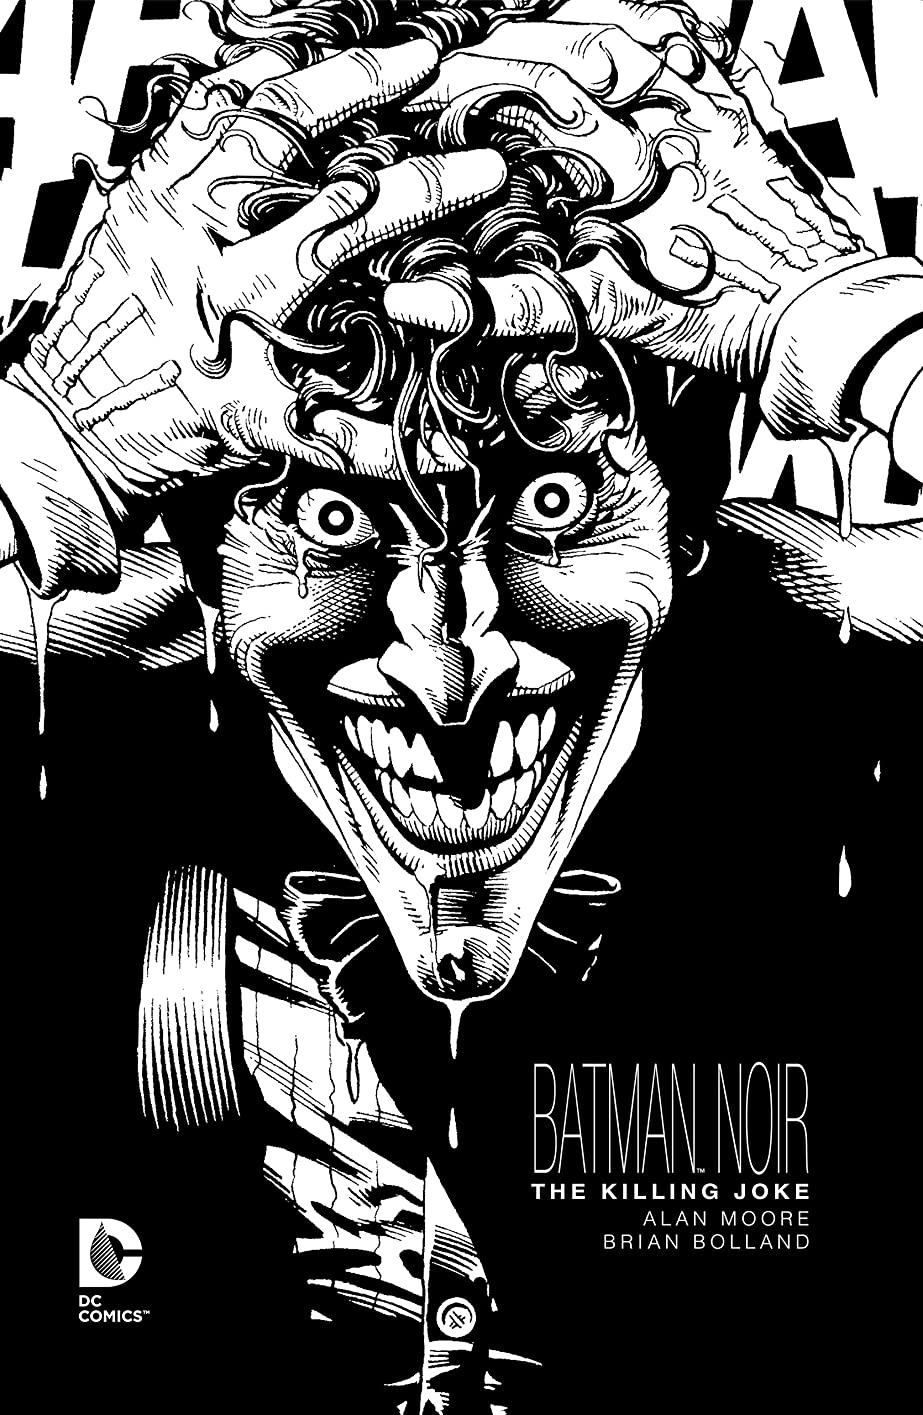 対抗放棄辞任Batman Noir: The Killing Joke (Batman: The Killing Joke) (English Edition)